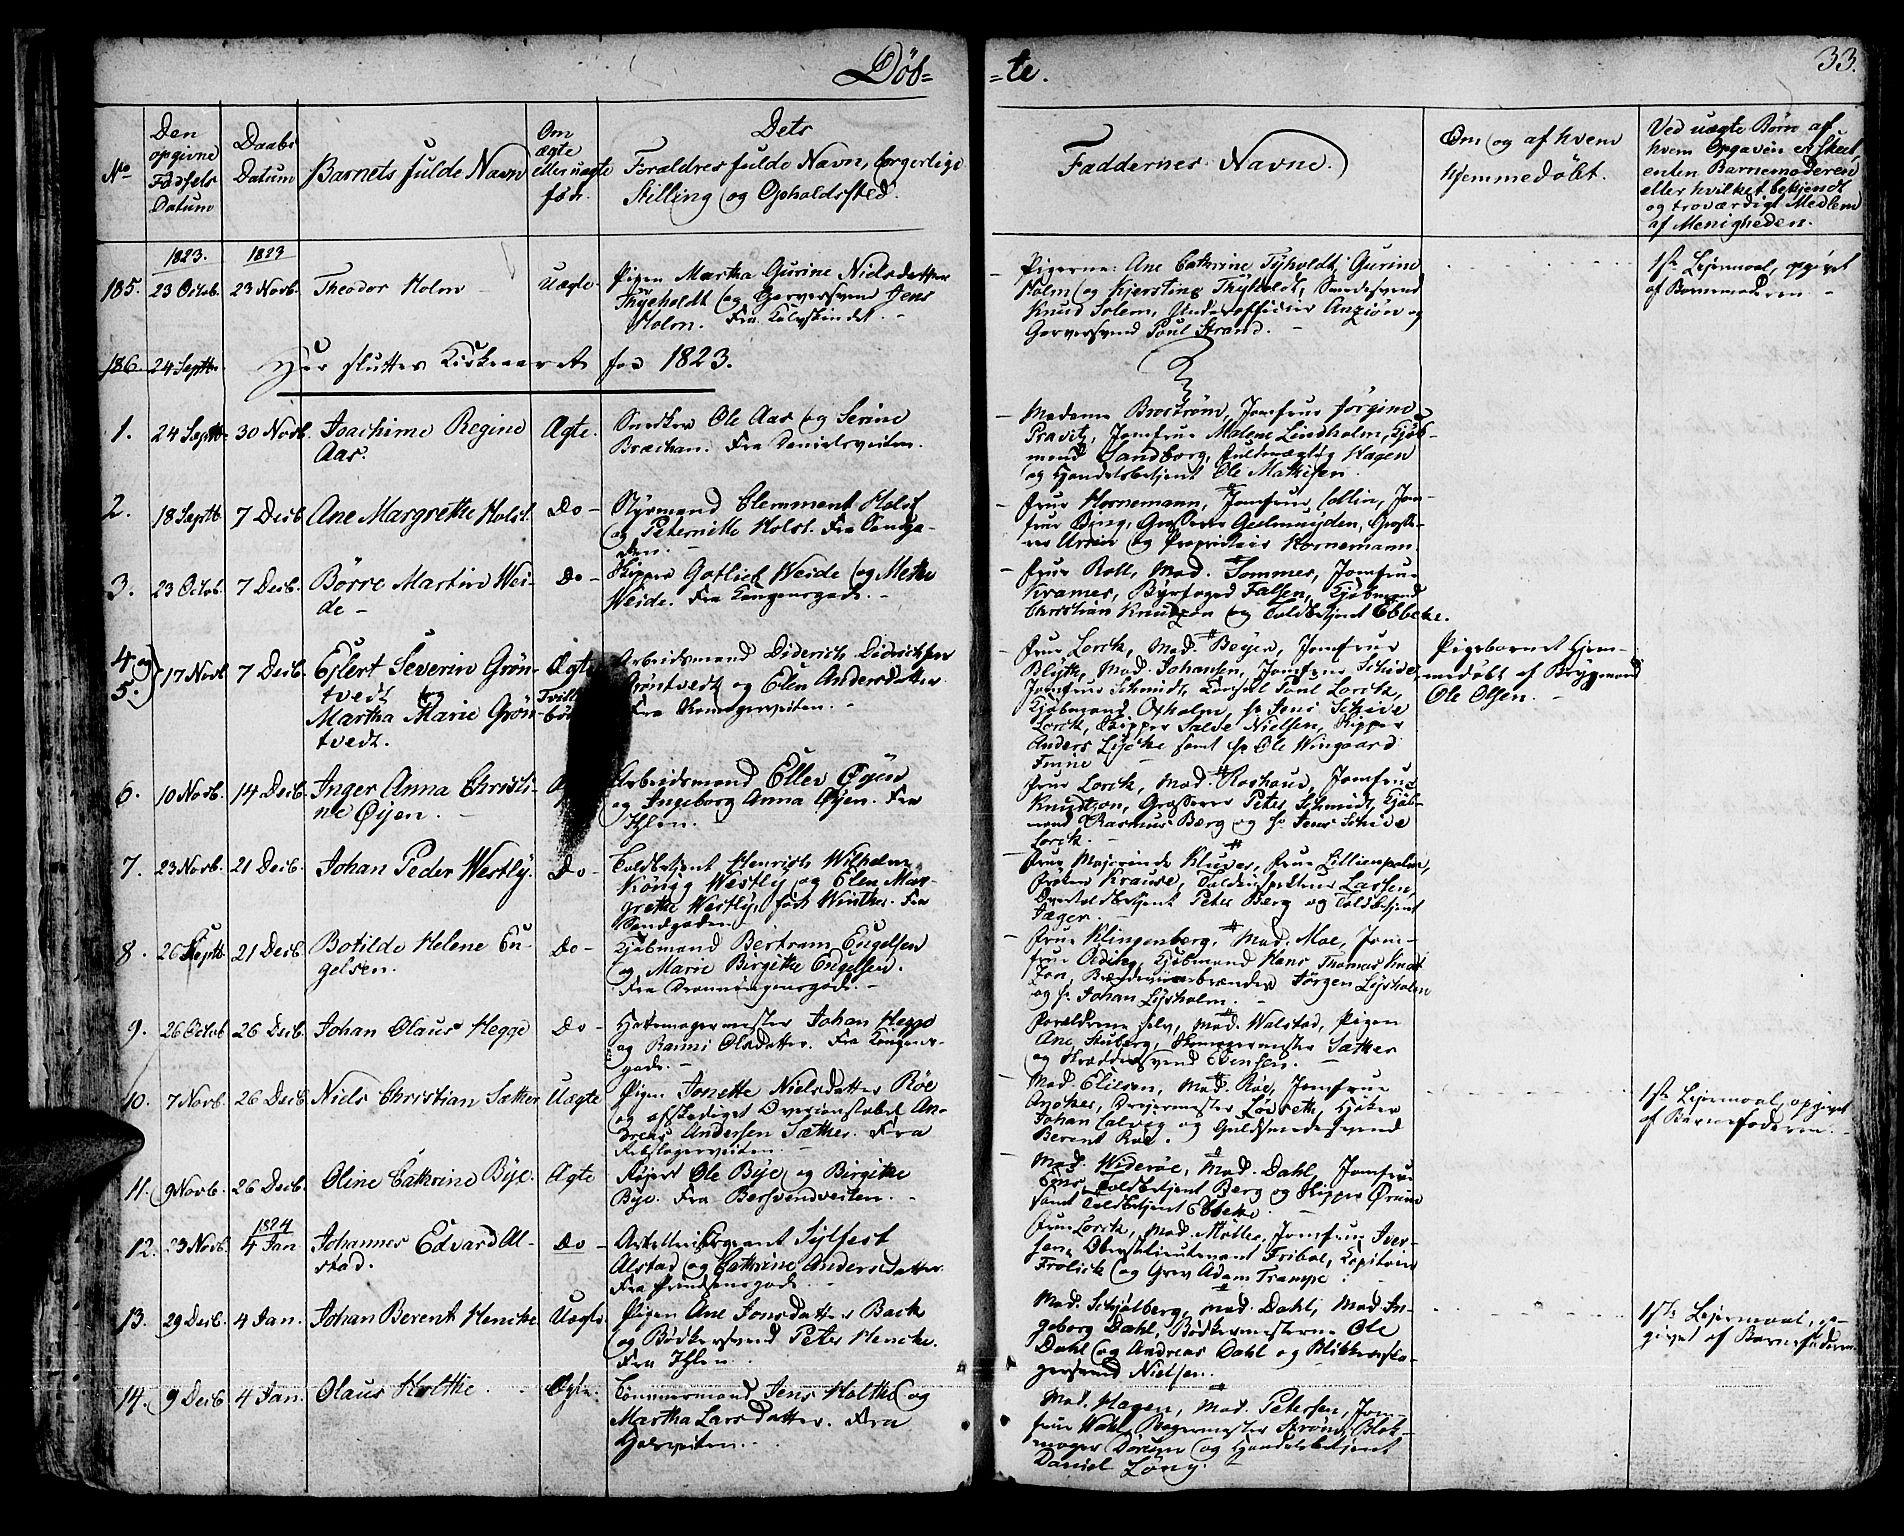 SAT, Ministerialprotokoller, klokkerbøker og fødselsregistre - Sør-Trøndelag, 601/L0045: Ministerialbok nr. 601A13, 1821-1831, s. 33